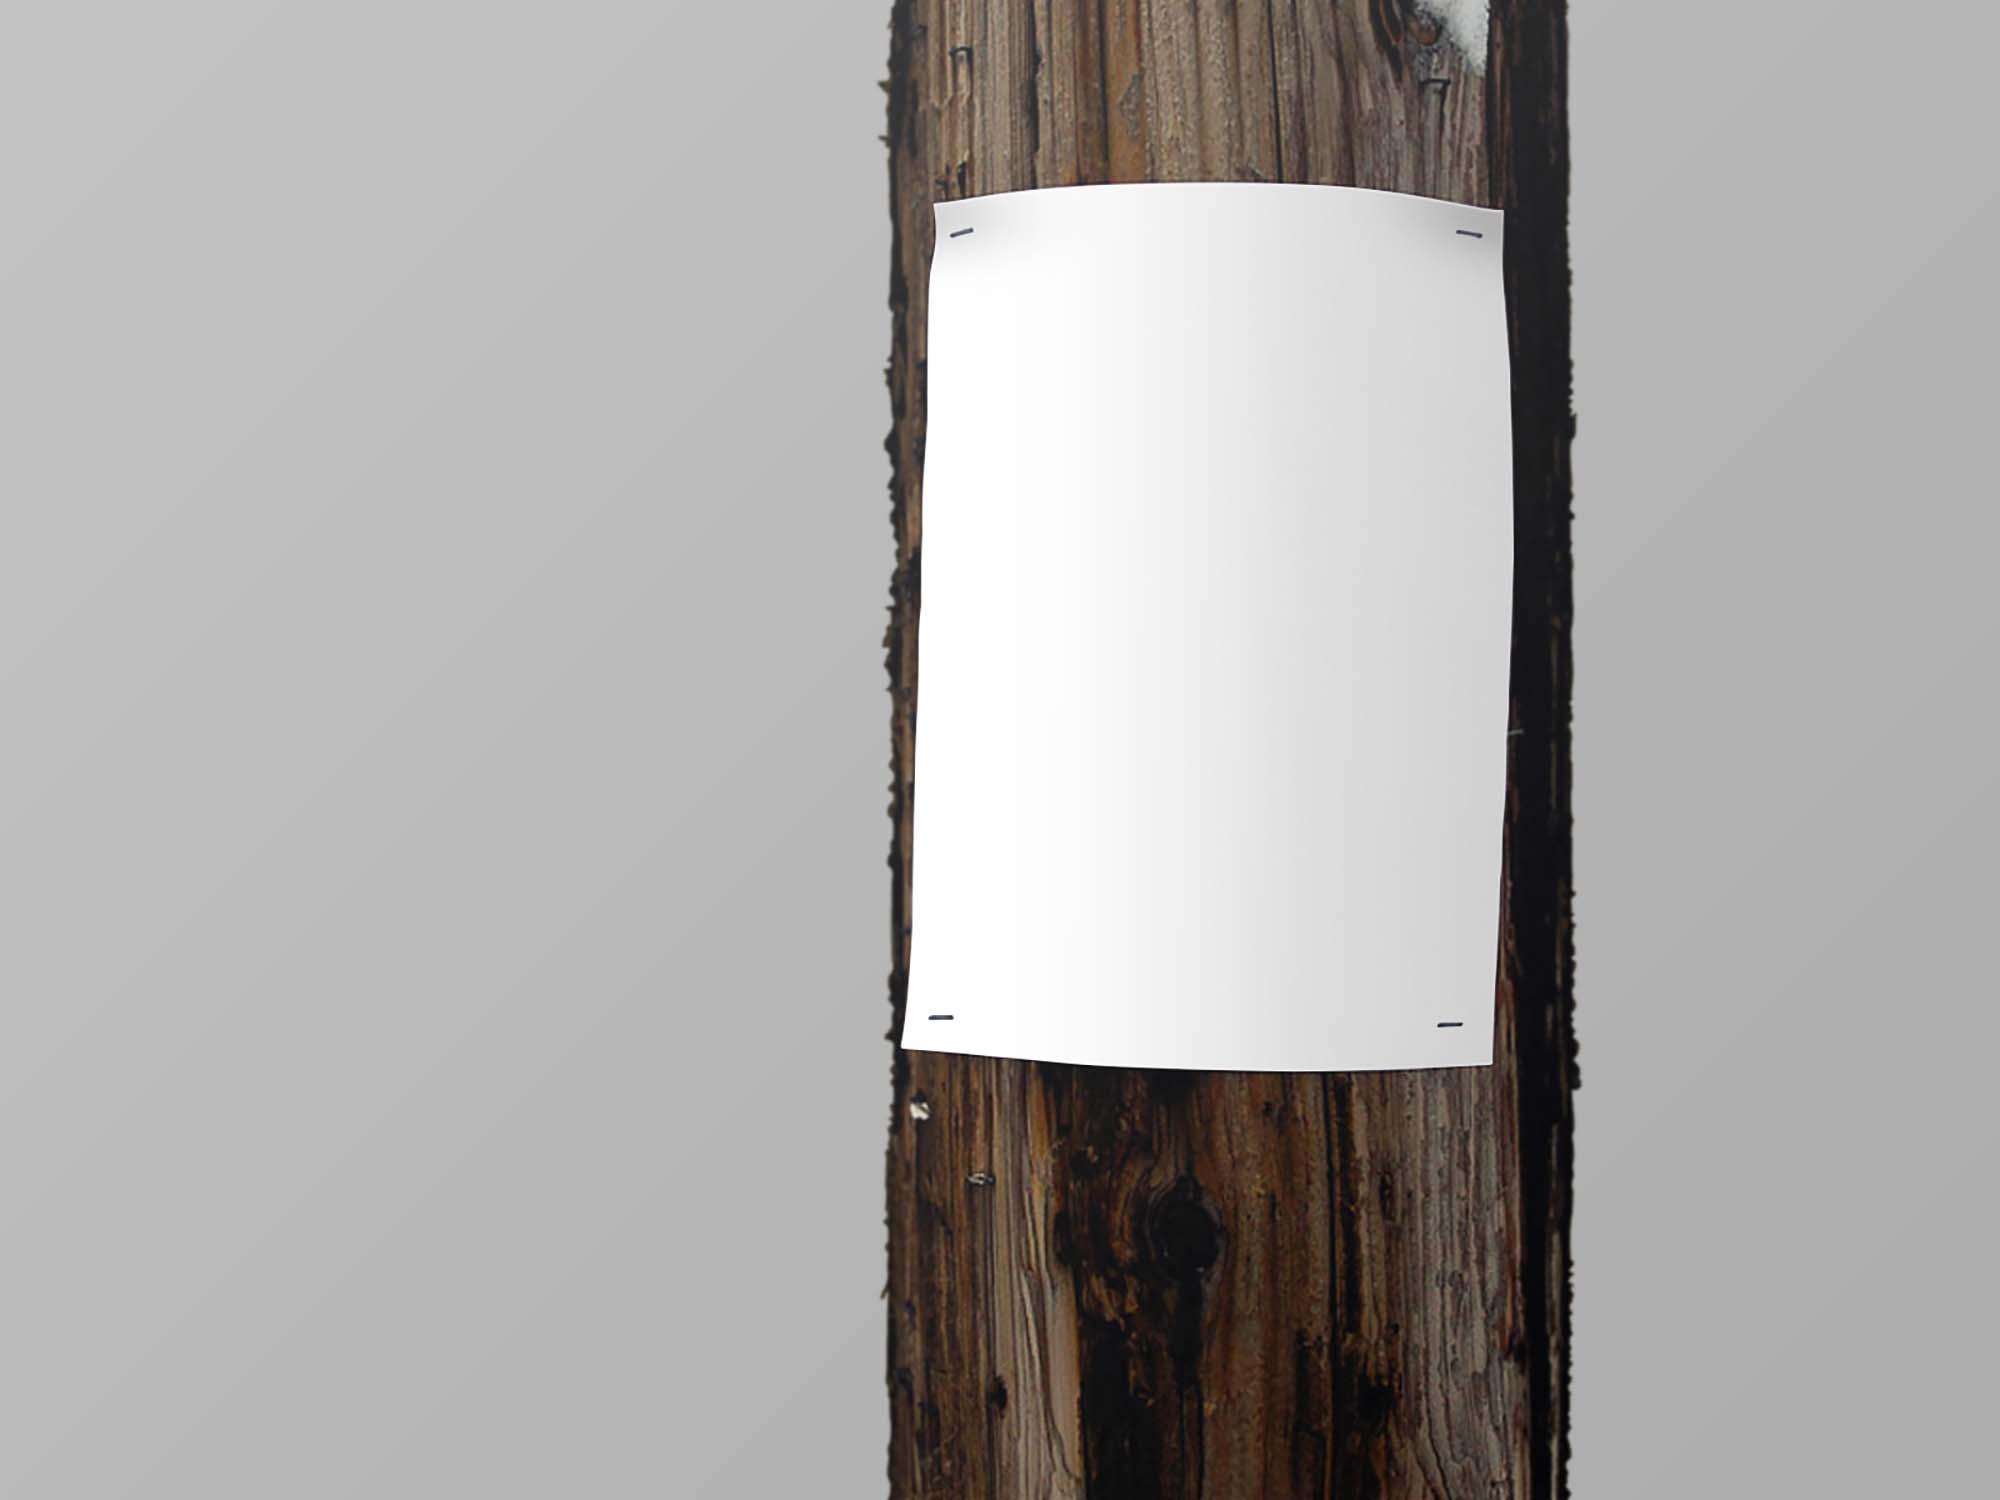 Utility Pole Poster Mockup PSD